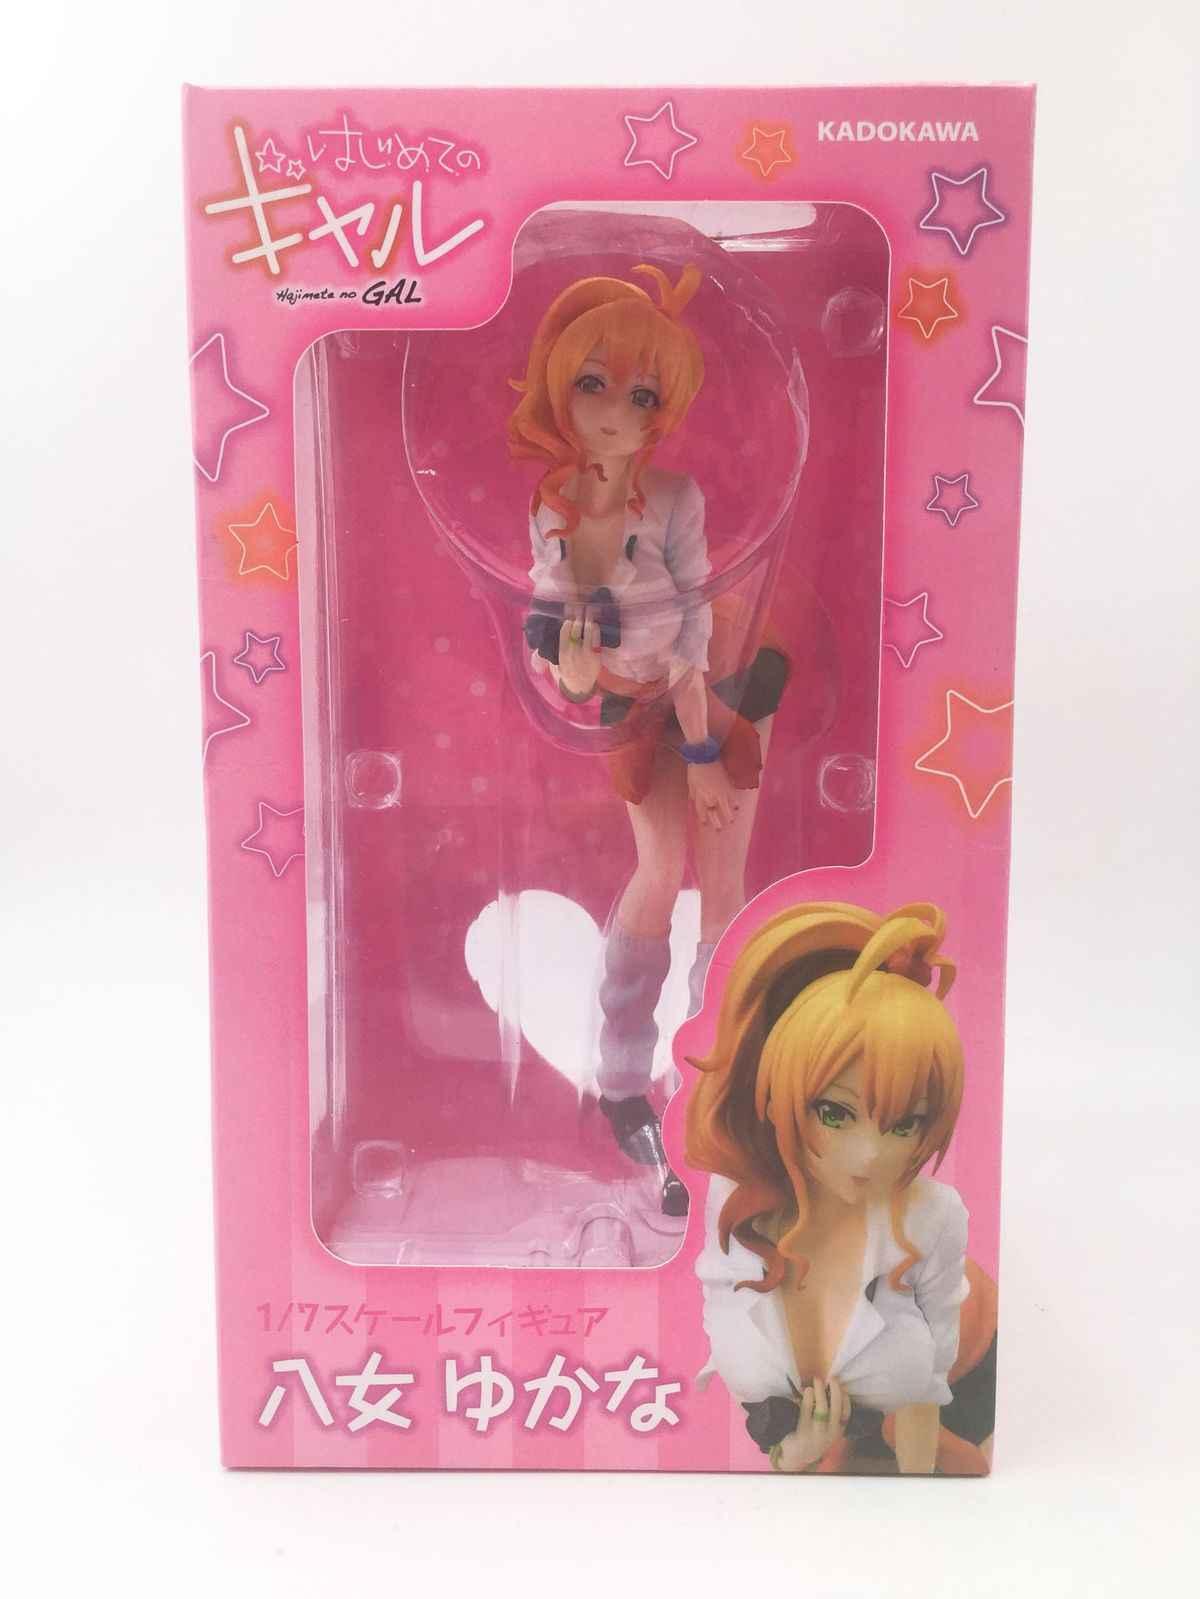 Hajimete No Gal KADOKAWA Figura de Ação Brinquedos Anime Meu Primeiro namorada É Uma Garota Sexy Girl Figuras Dolls Brinquedos Nova chegadas